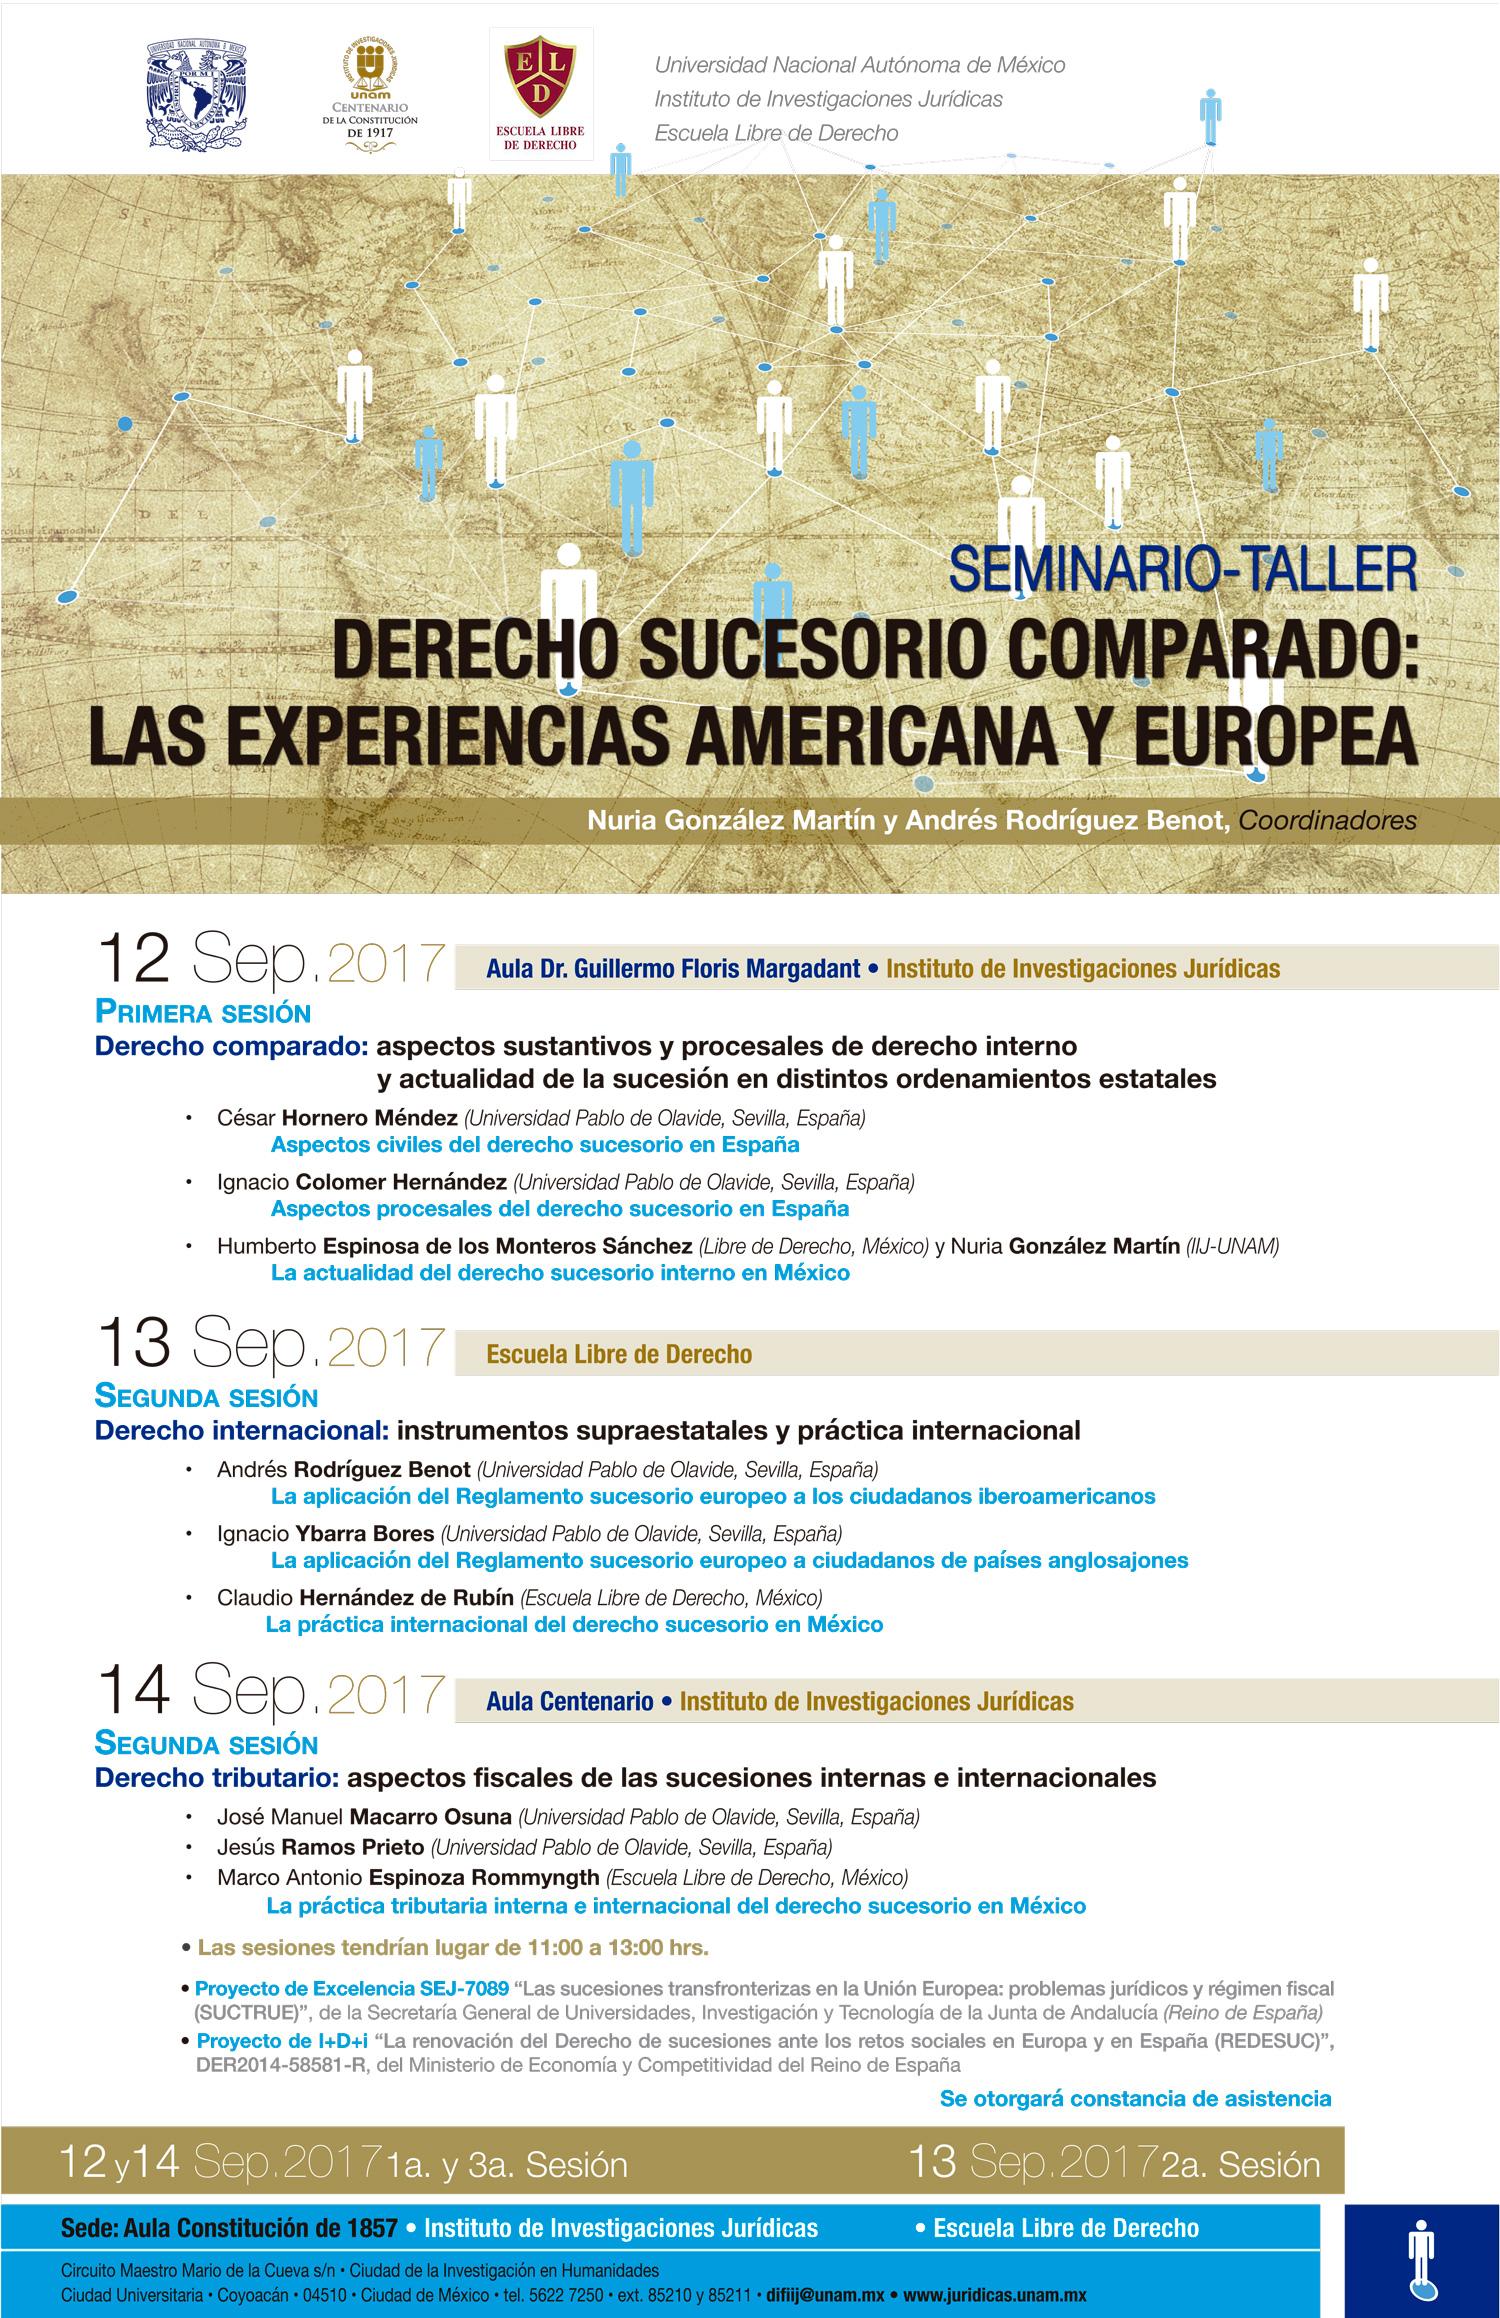 Derecho sucesorio comparado: las experiencias americana y europea